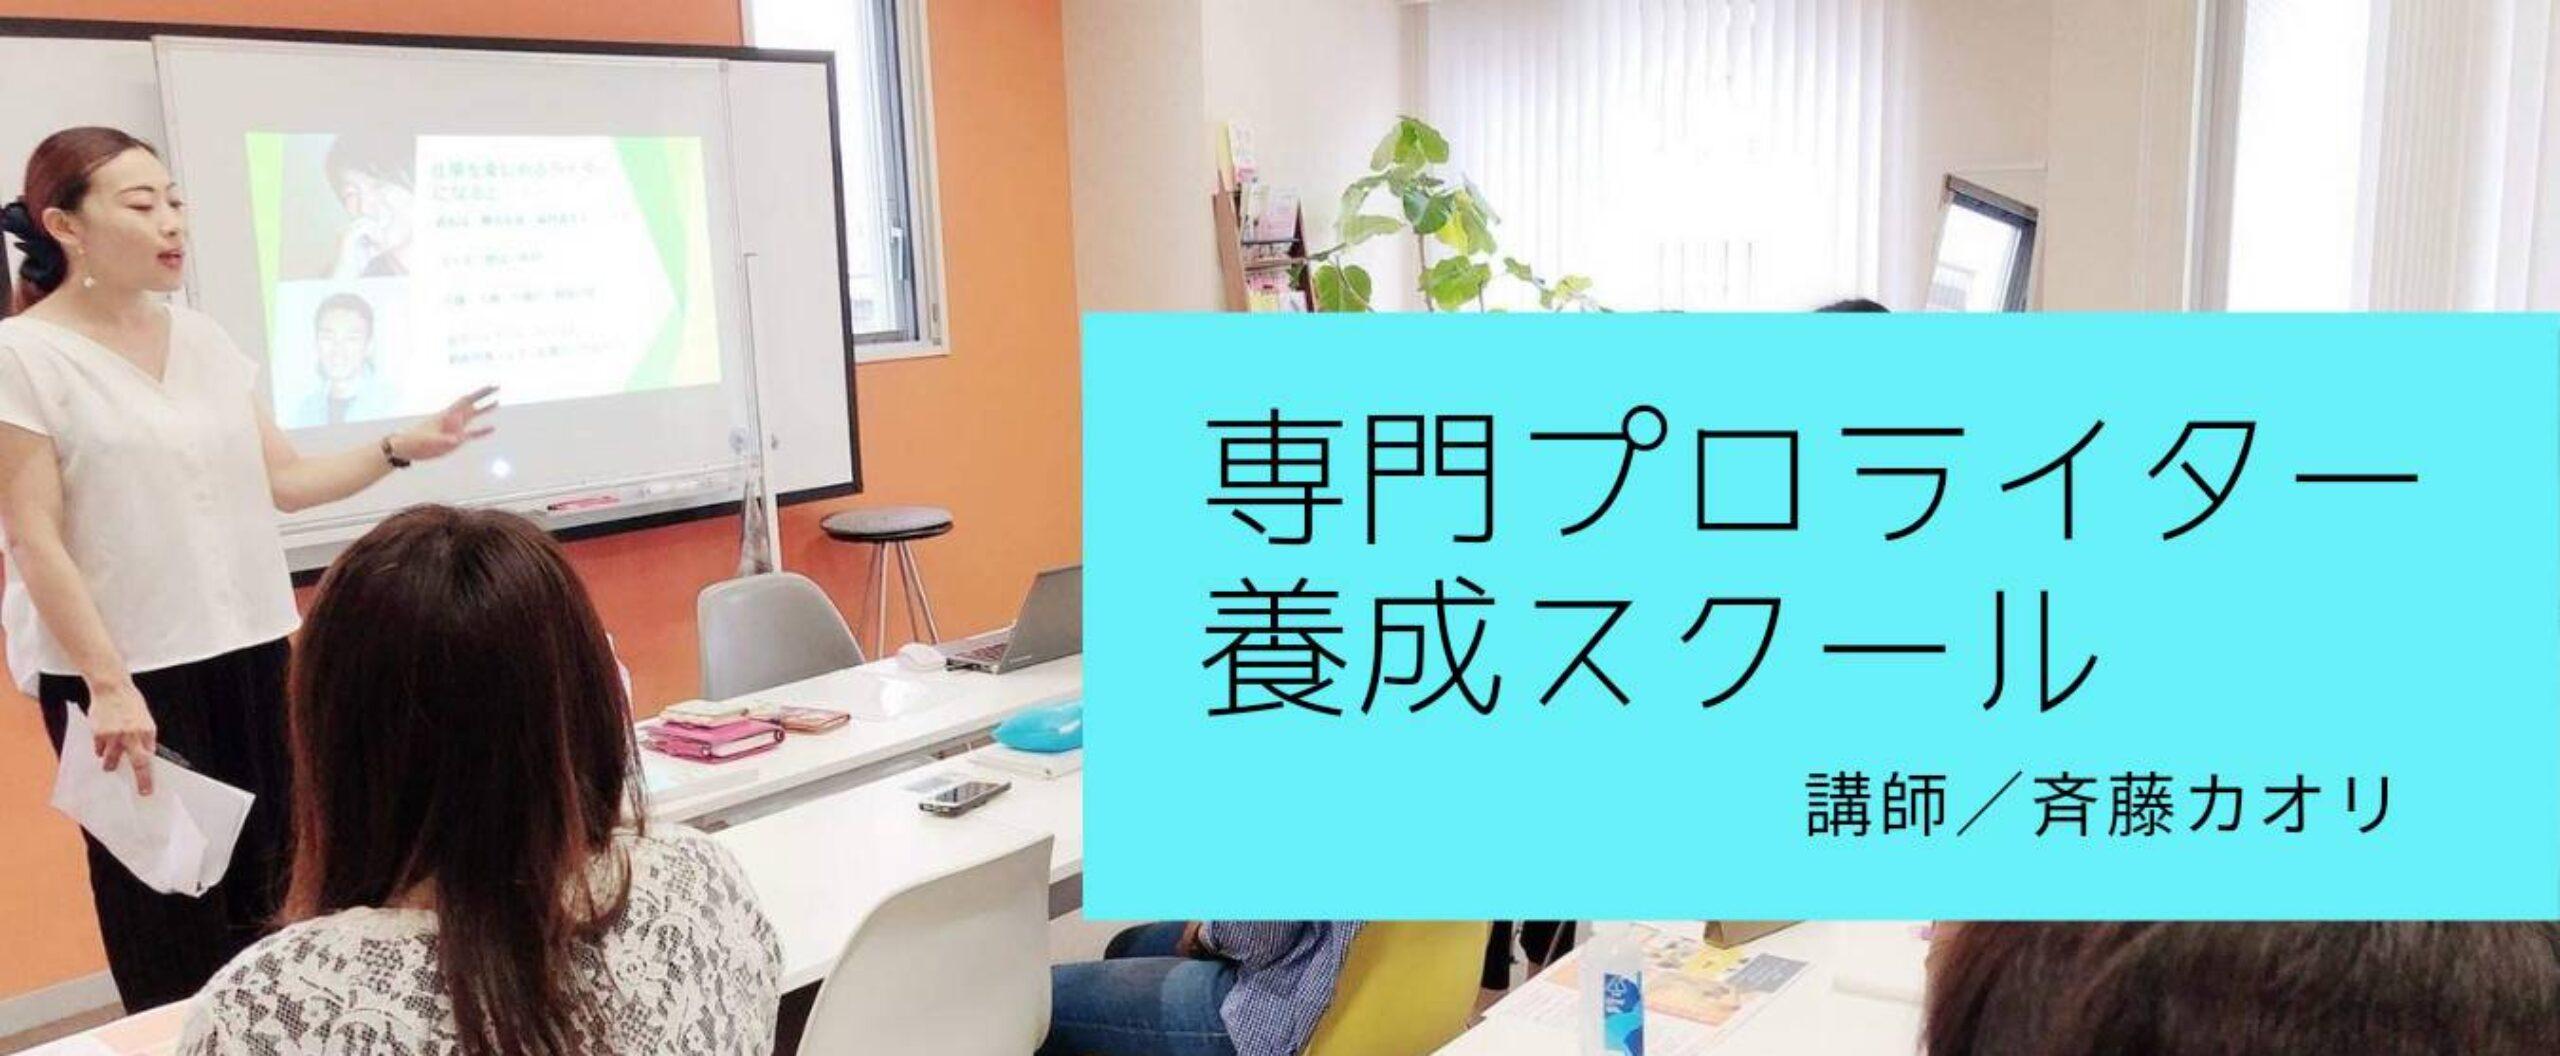 独身からシングルマザーまで「自立と生きがい」を応援 – 斉藤カオリ|ジャーナリスト-コラムニスト-女子ライフ